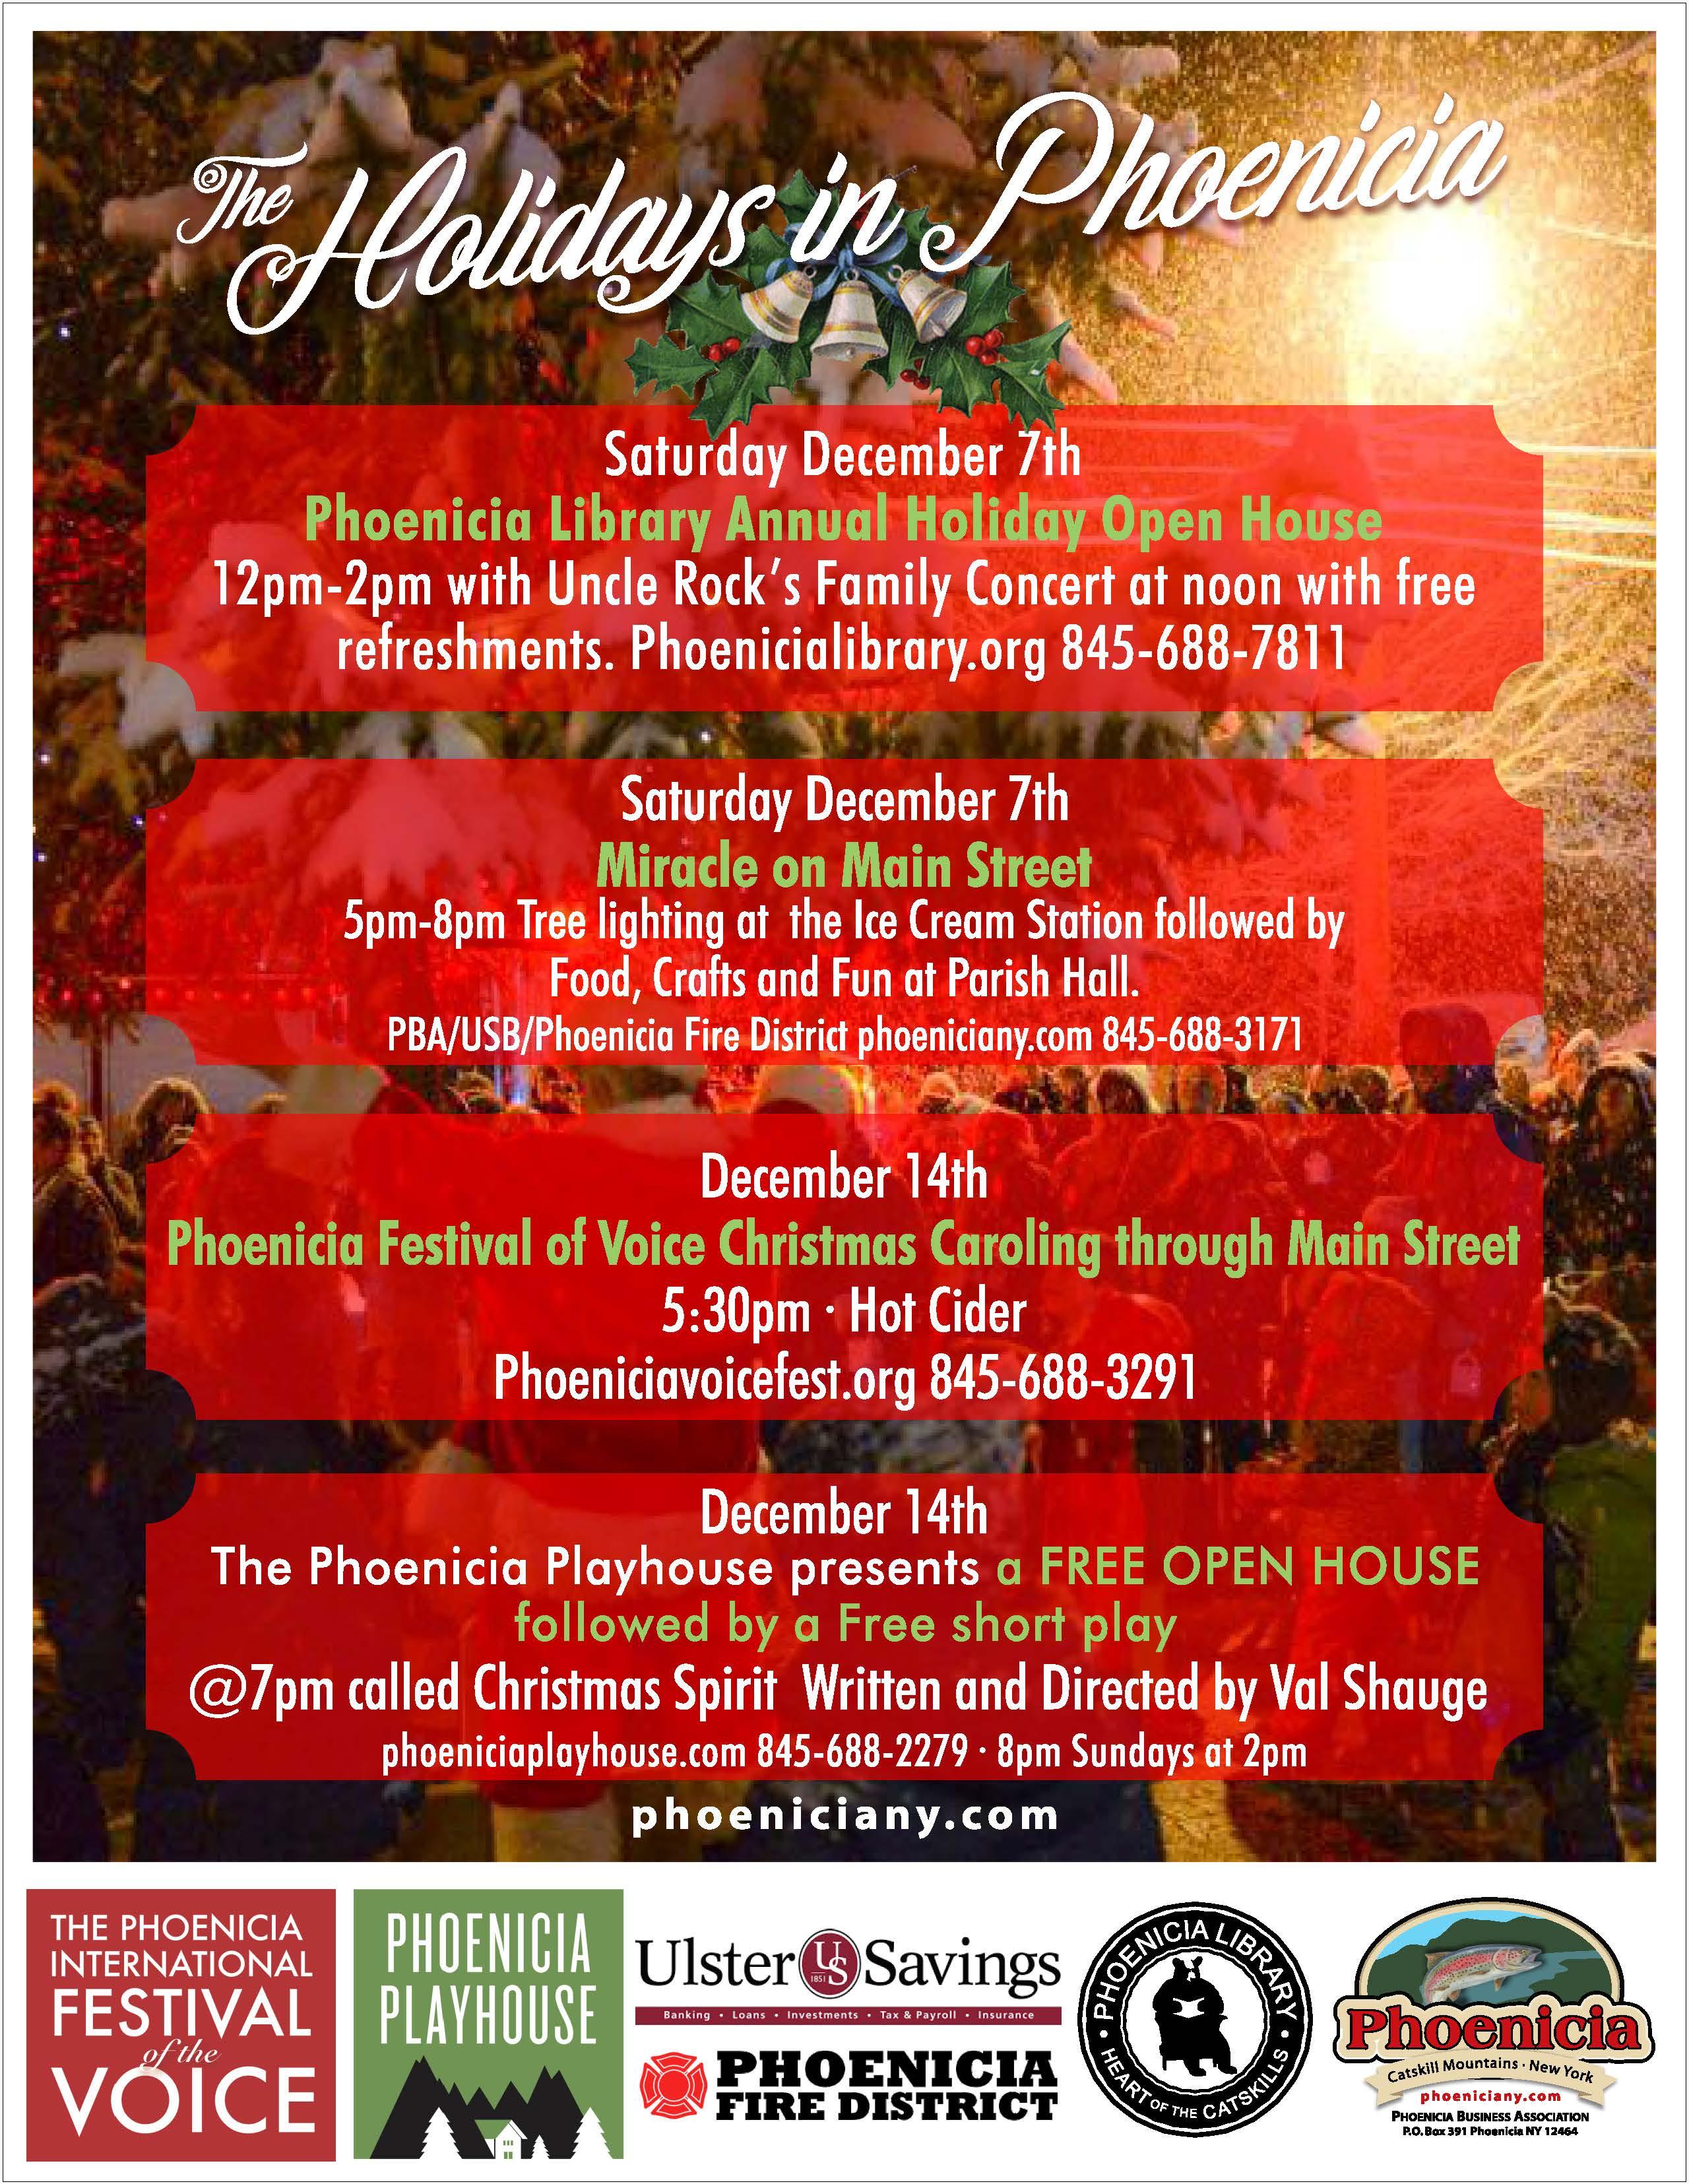 Phoenicia Holiday